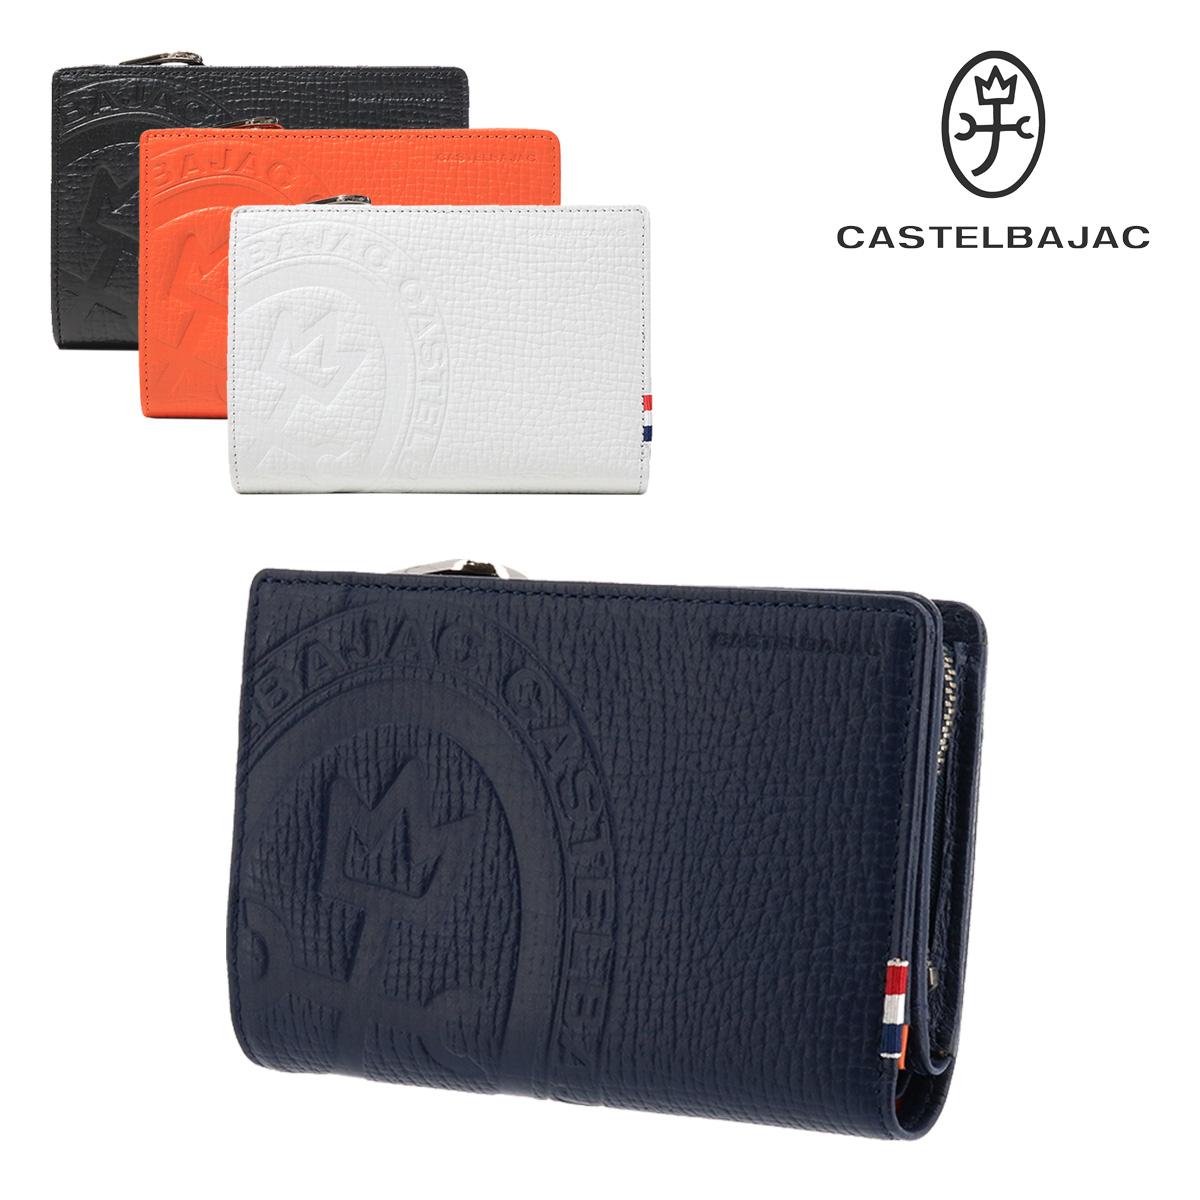 カステルバジャック 二つ折り財布 メンズ ピッコロ 022615 CASTELBAJAC 本革 レザー[bef]